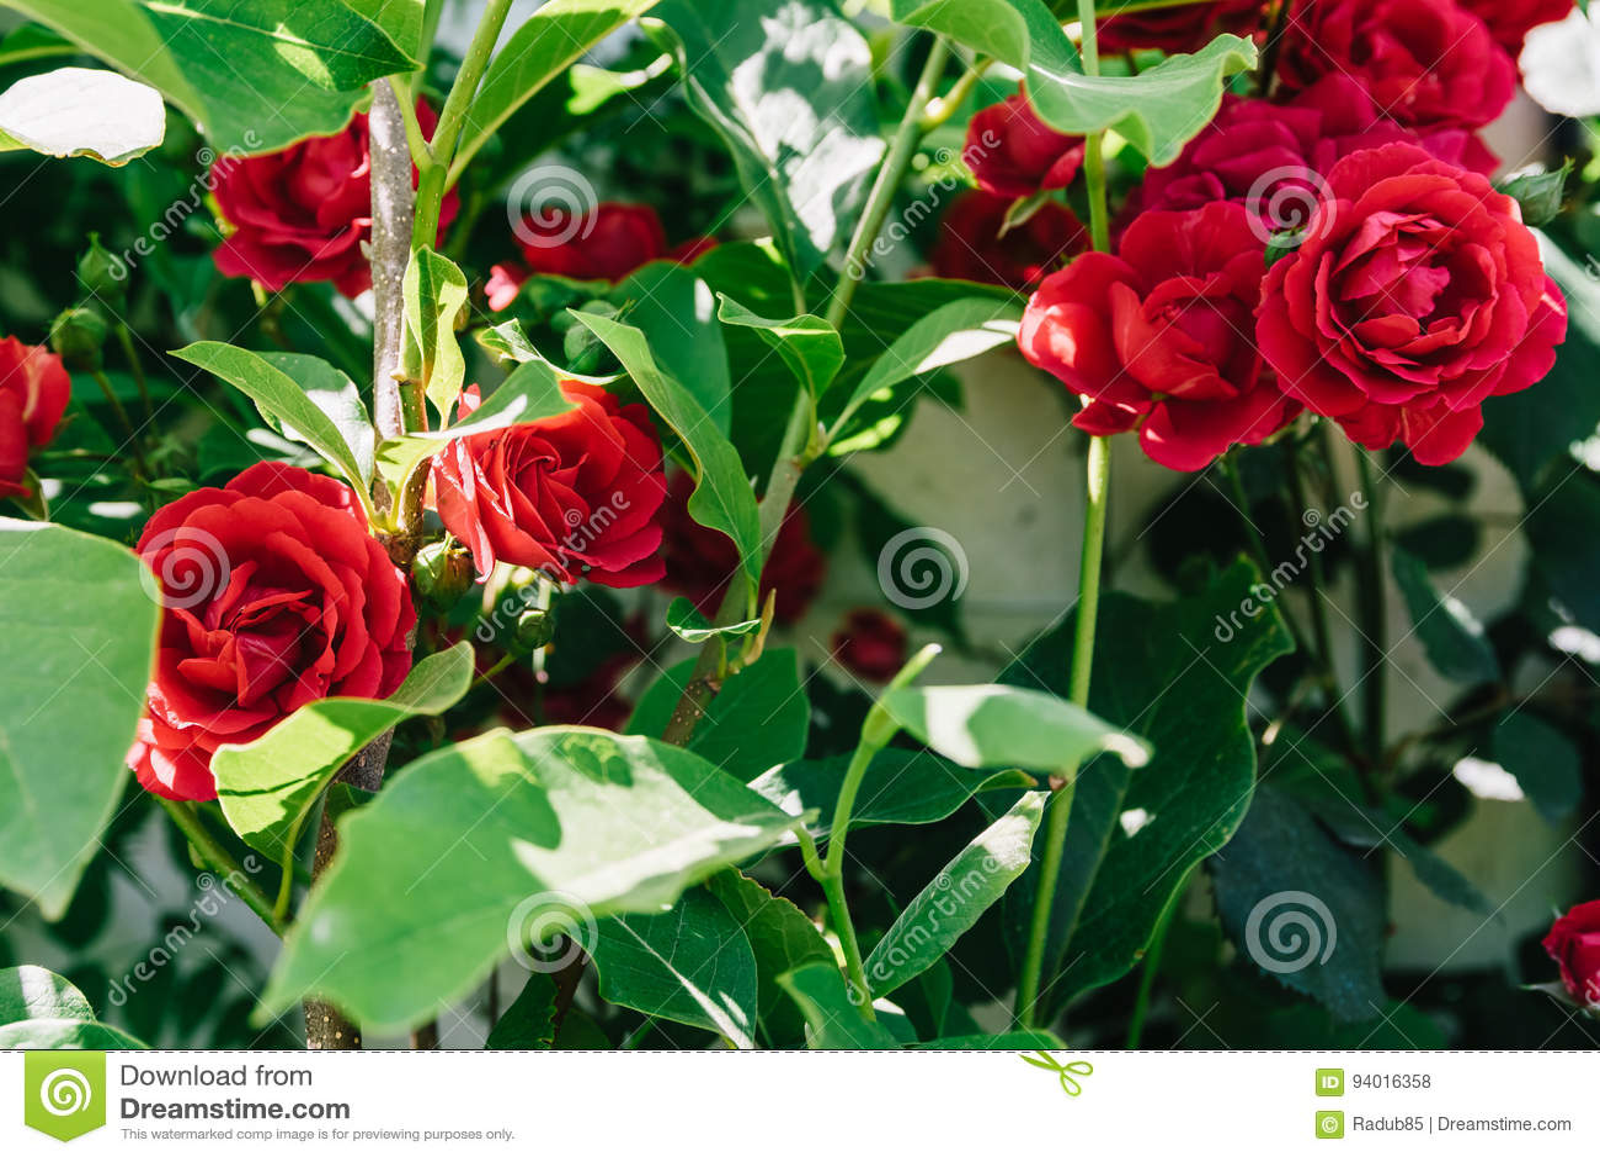 Bello giardino di rose rosse fotografia stock immagine di foglio